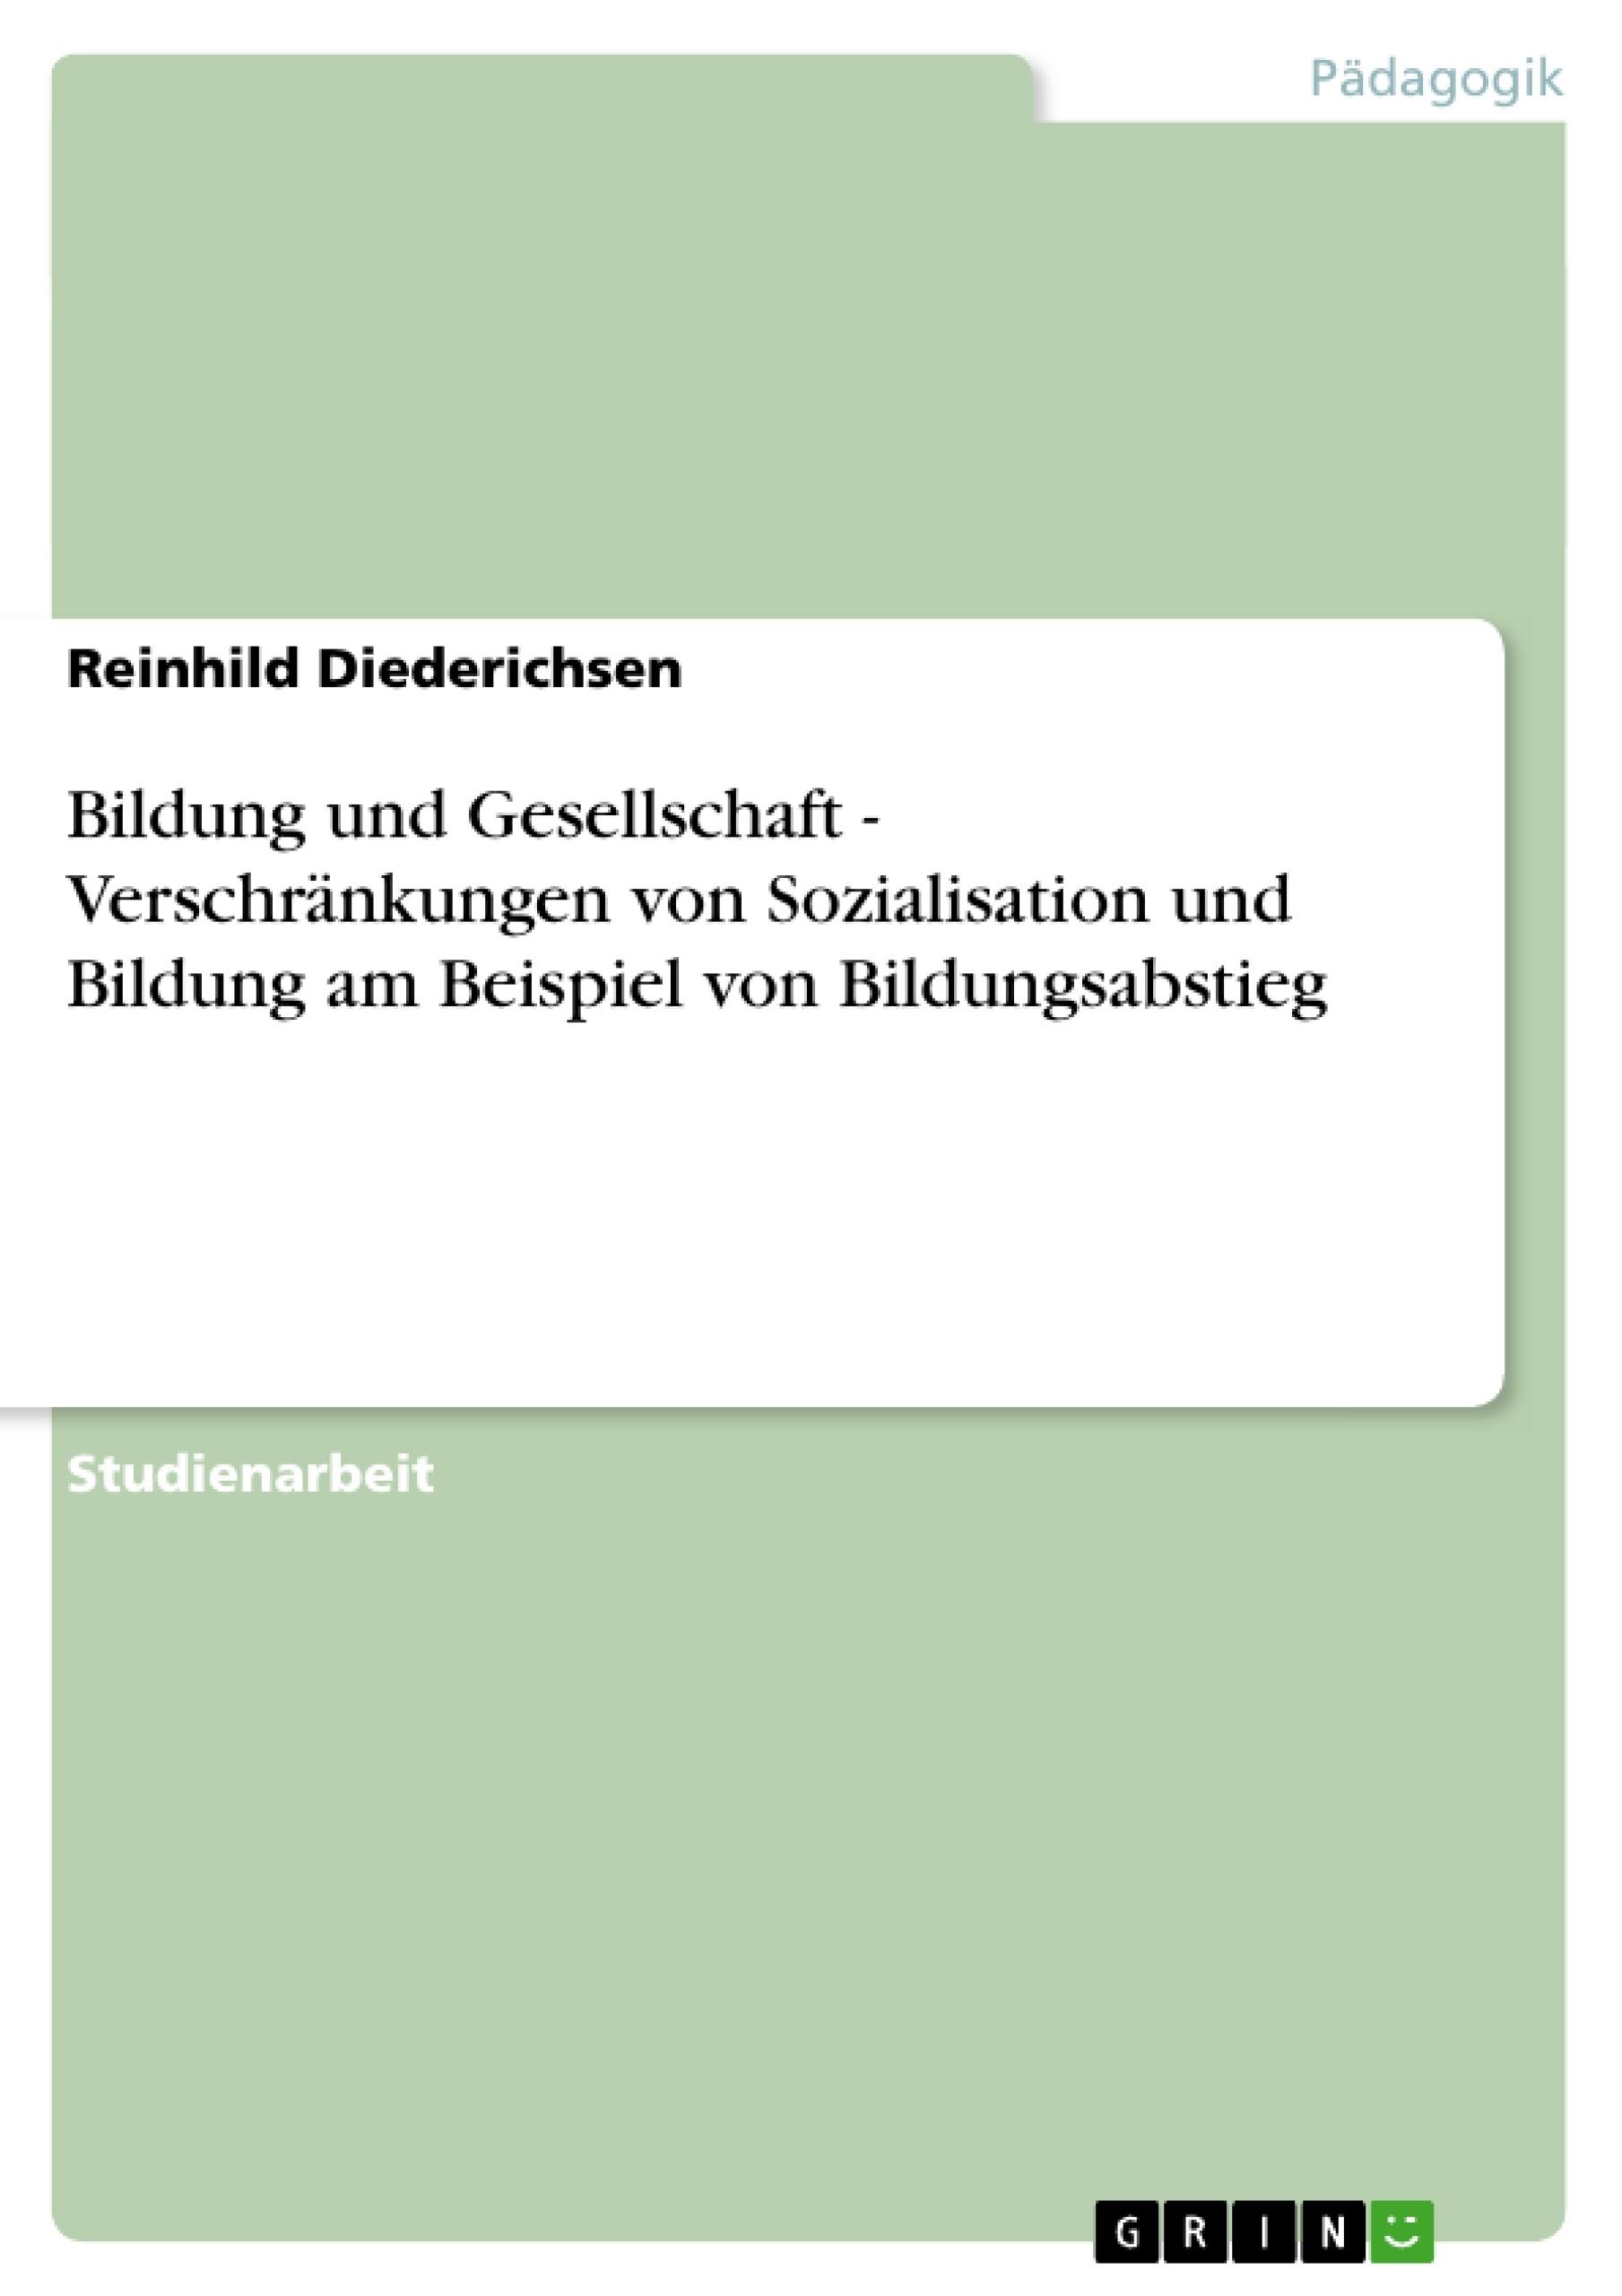 Titel: Bildung und Gesellschaft - Verschränkungen von Sozialisation und Bildung am Beispiel von Bildungsabstieg